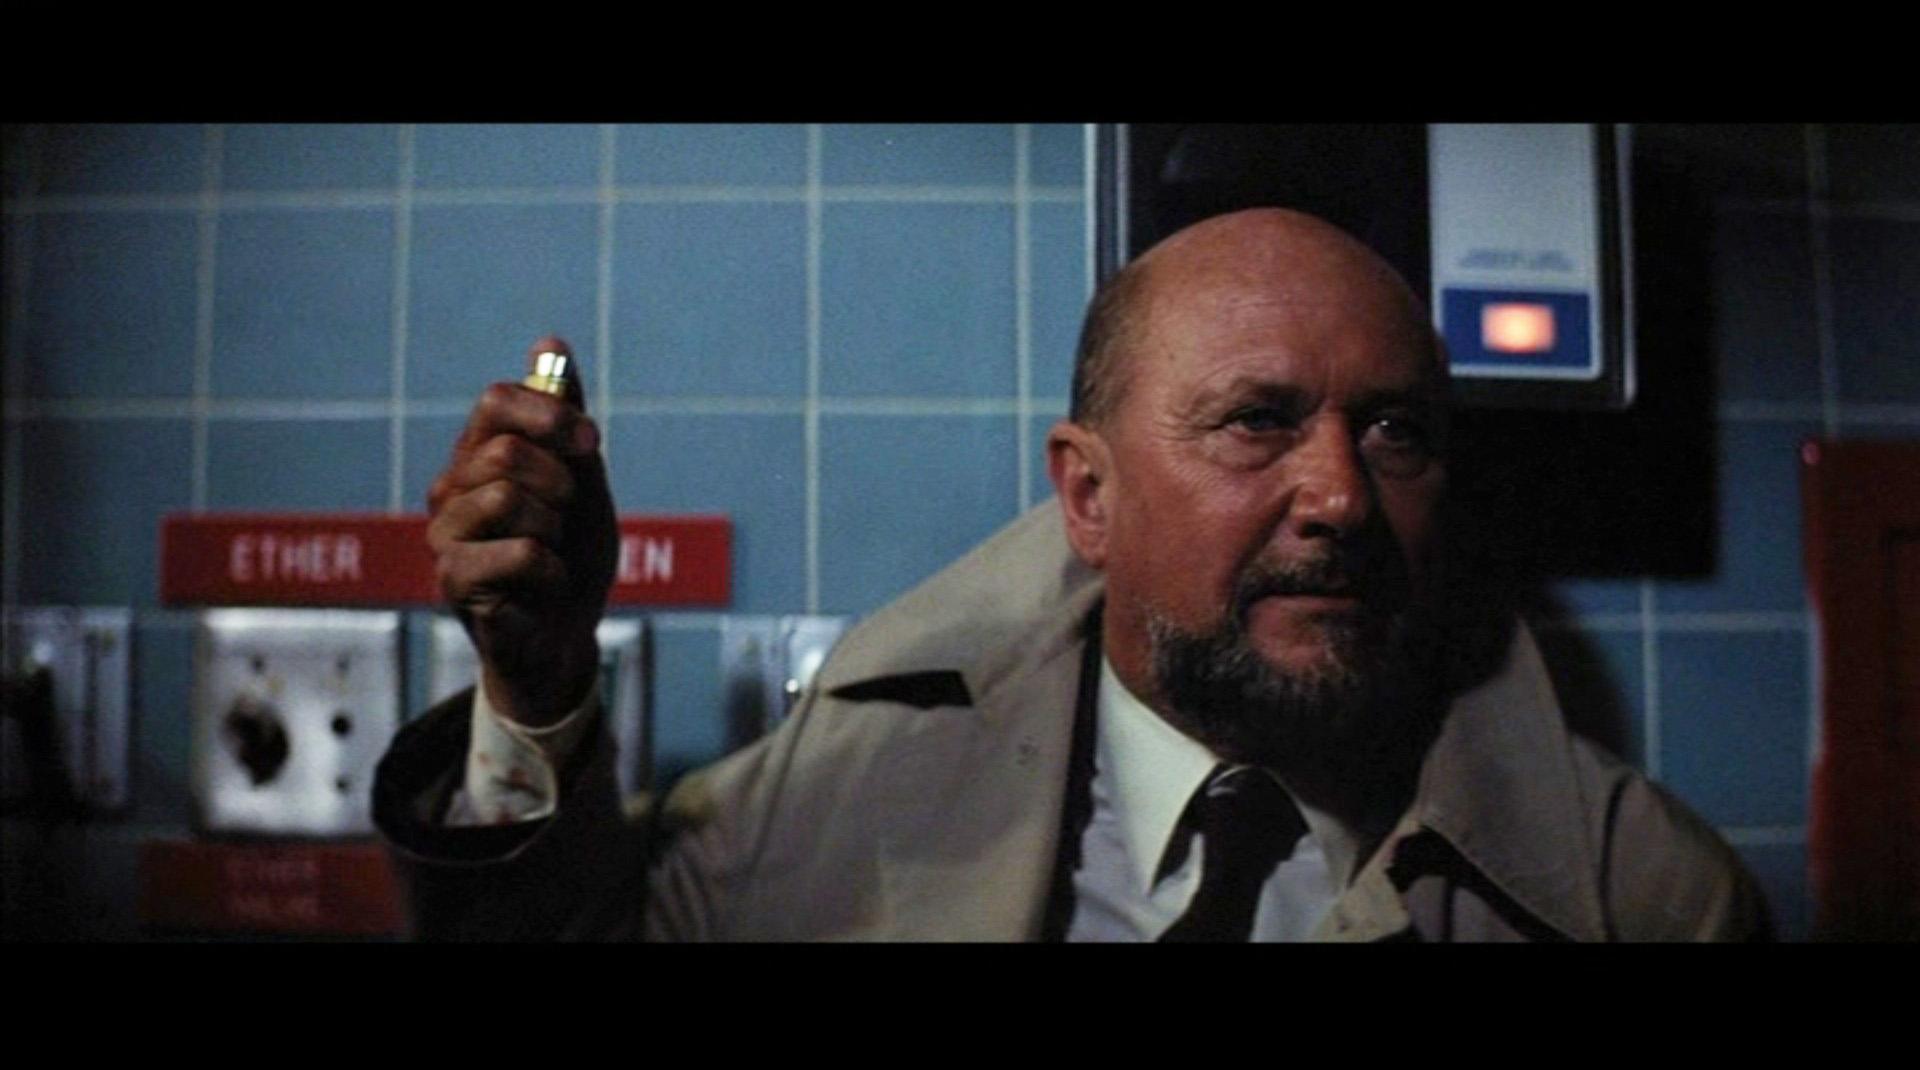 Loomis4